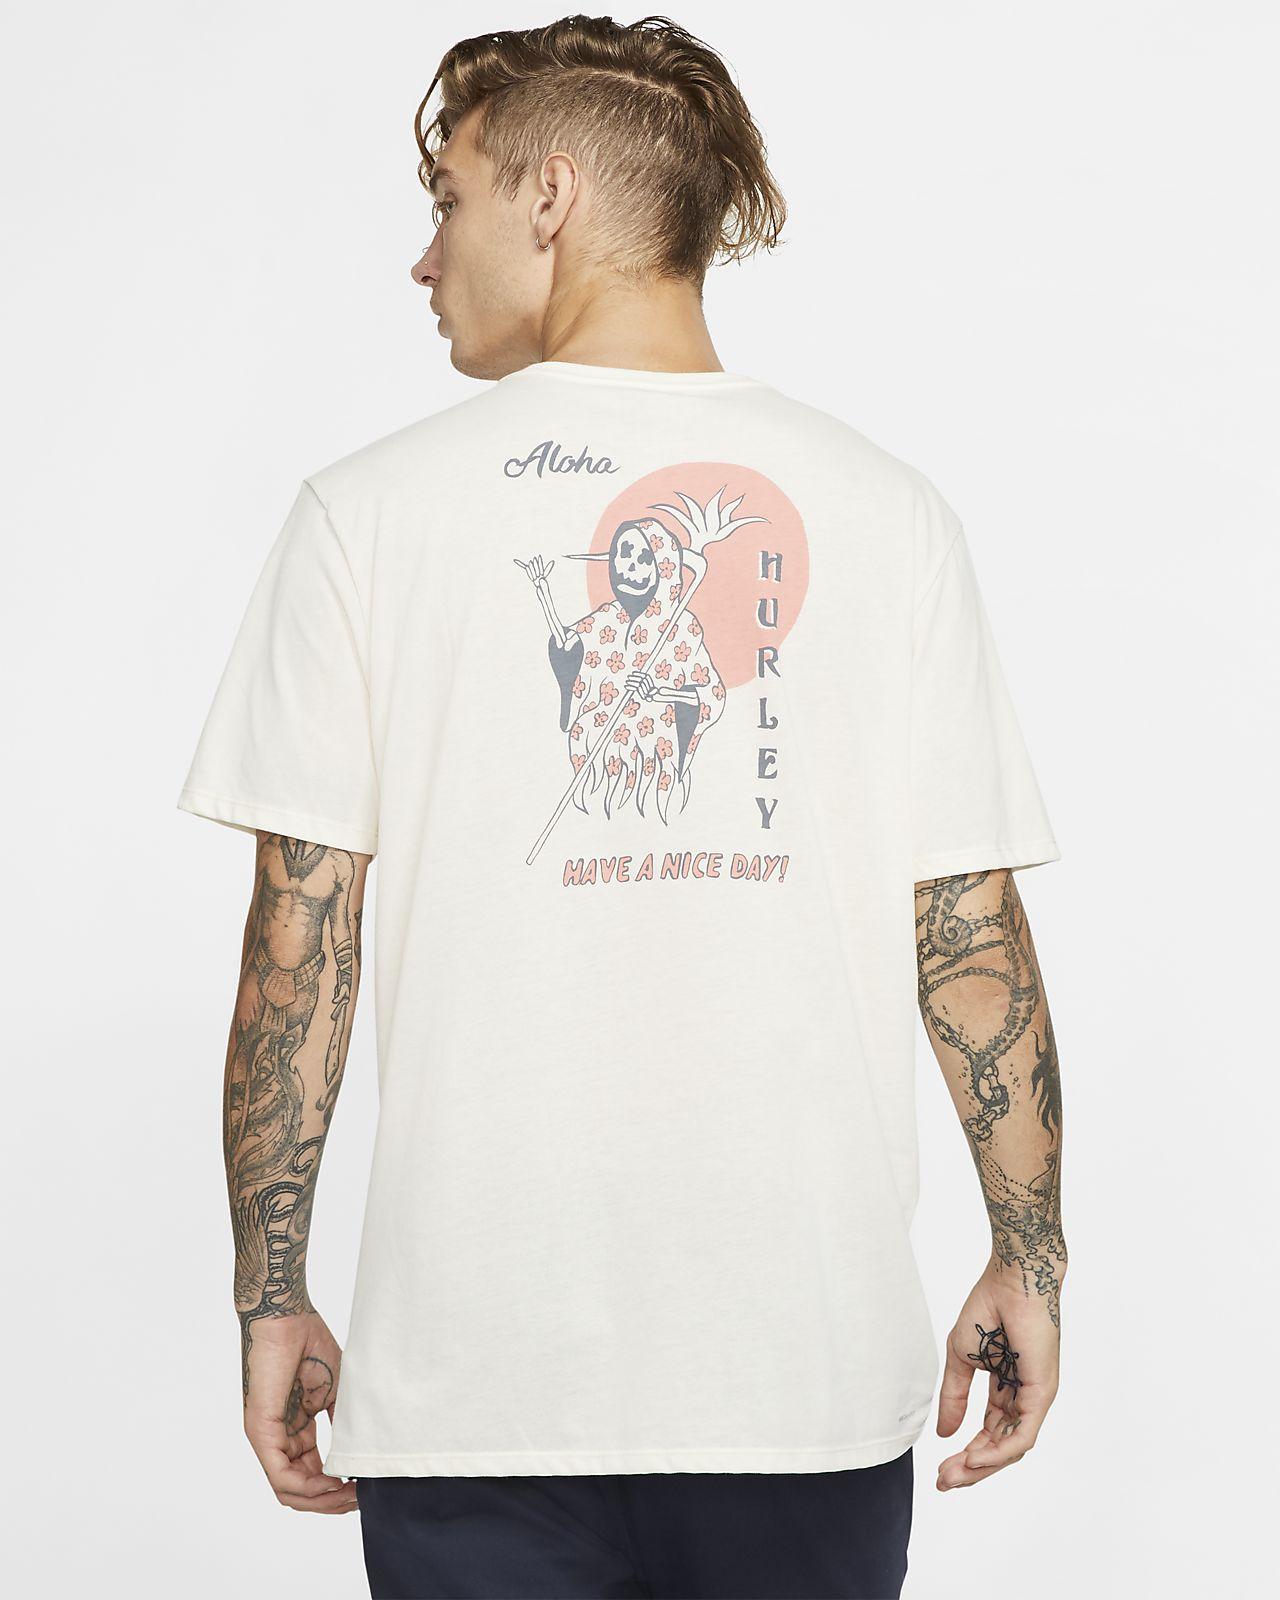 ハーレー Dri-FIT パラダイス リーパー メンズ Tシャツ